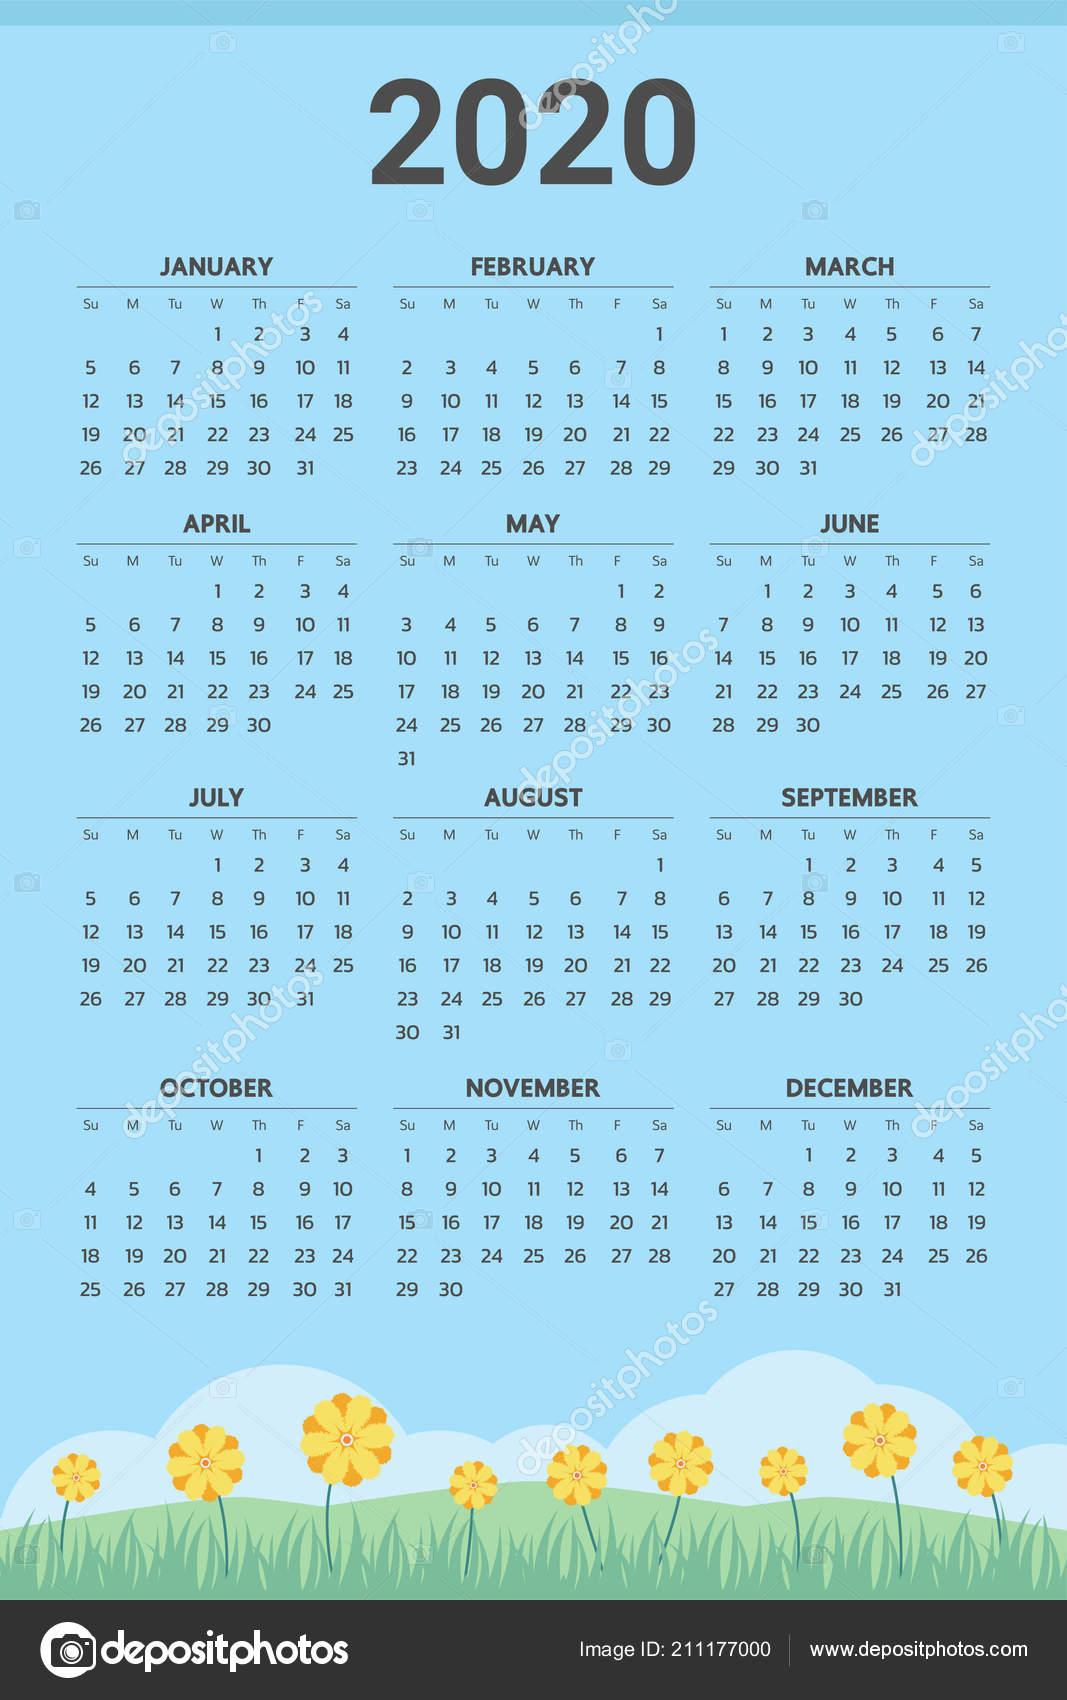 Spring 2020 Calendar 2020 Calendar Spring Theme Vector — Stock Vector © Andramin #211177000